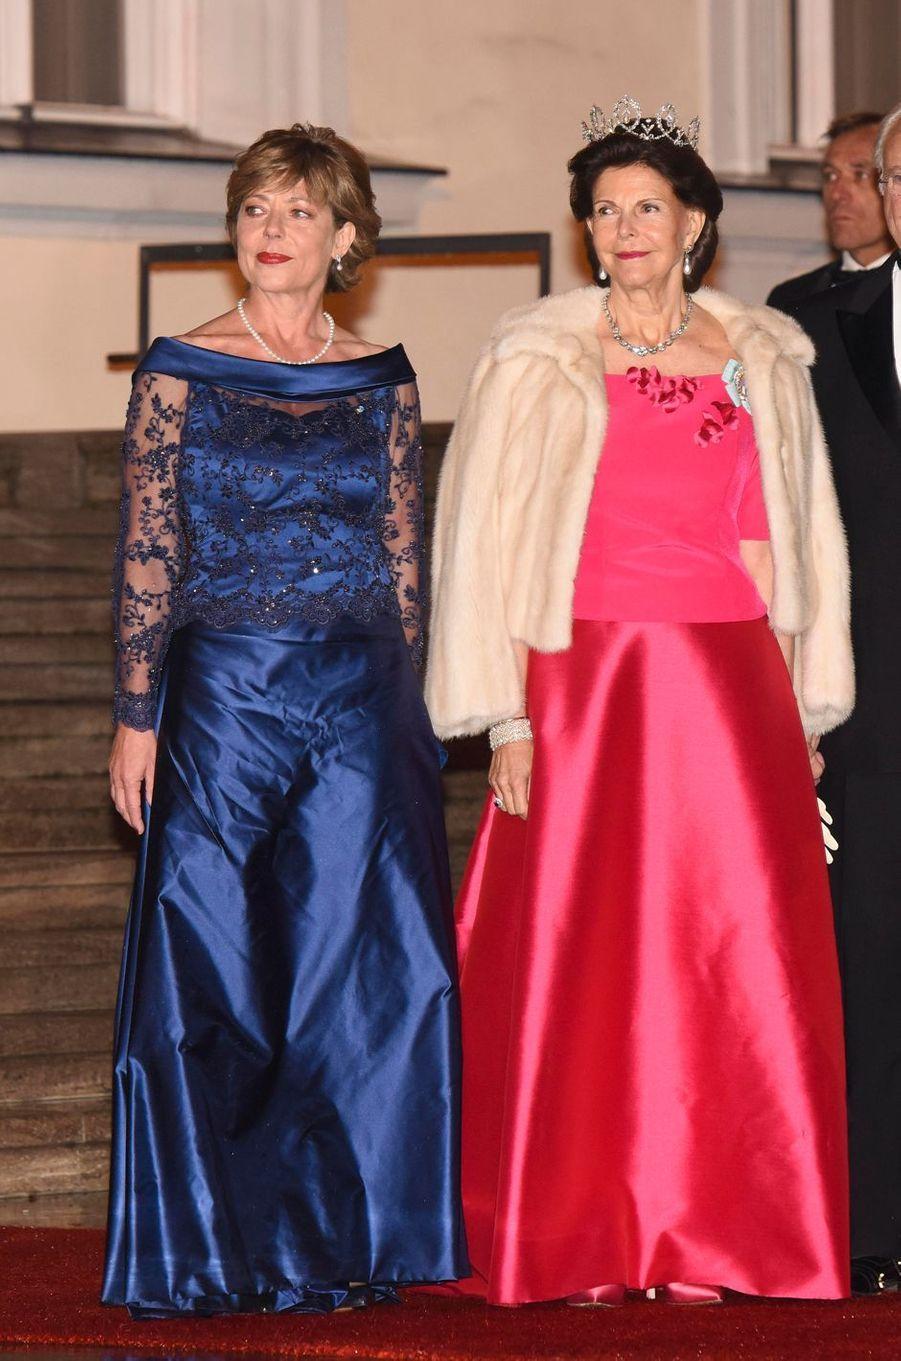 La reine Silvia de Suède avec Daniela Schadt au château de Bellevue à Berlin, le 5 octobre 2016